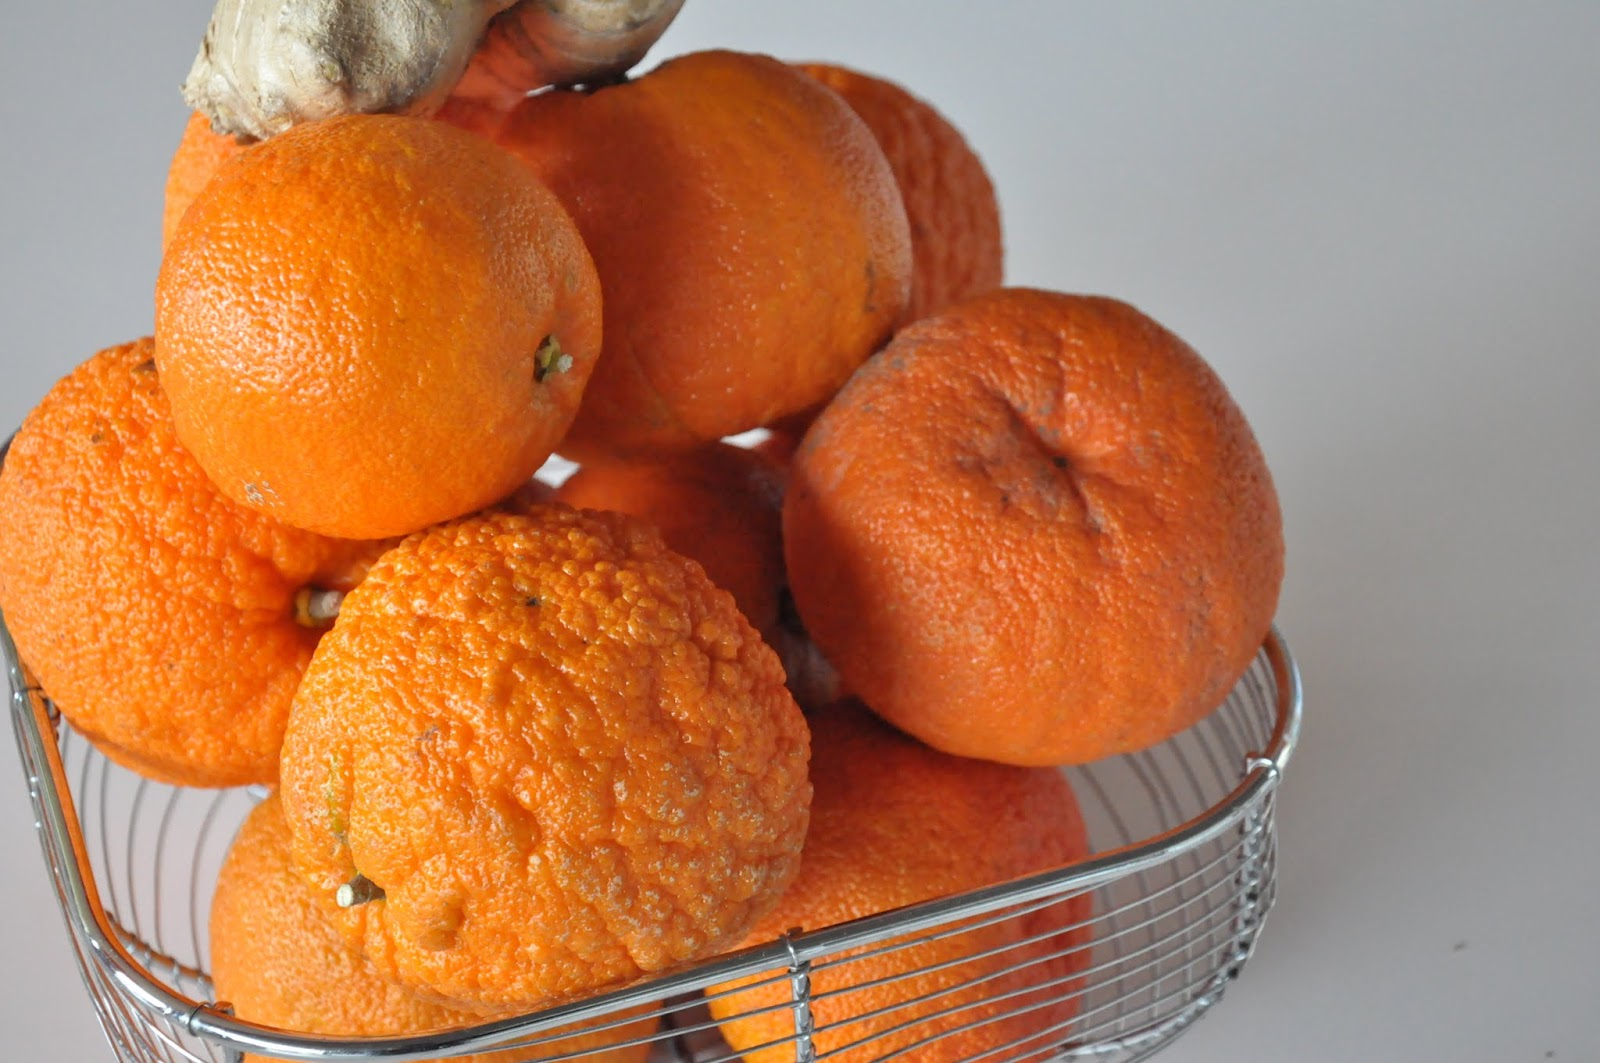 confiture d orange am re et gingembre potes and rollmops. Black Bedroom Furniture Sets. Home Design Ideas